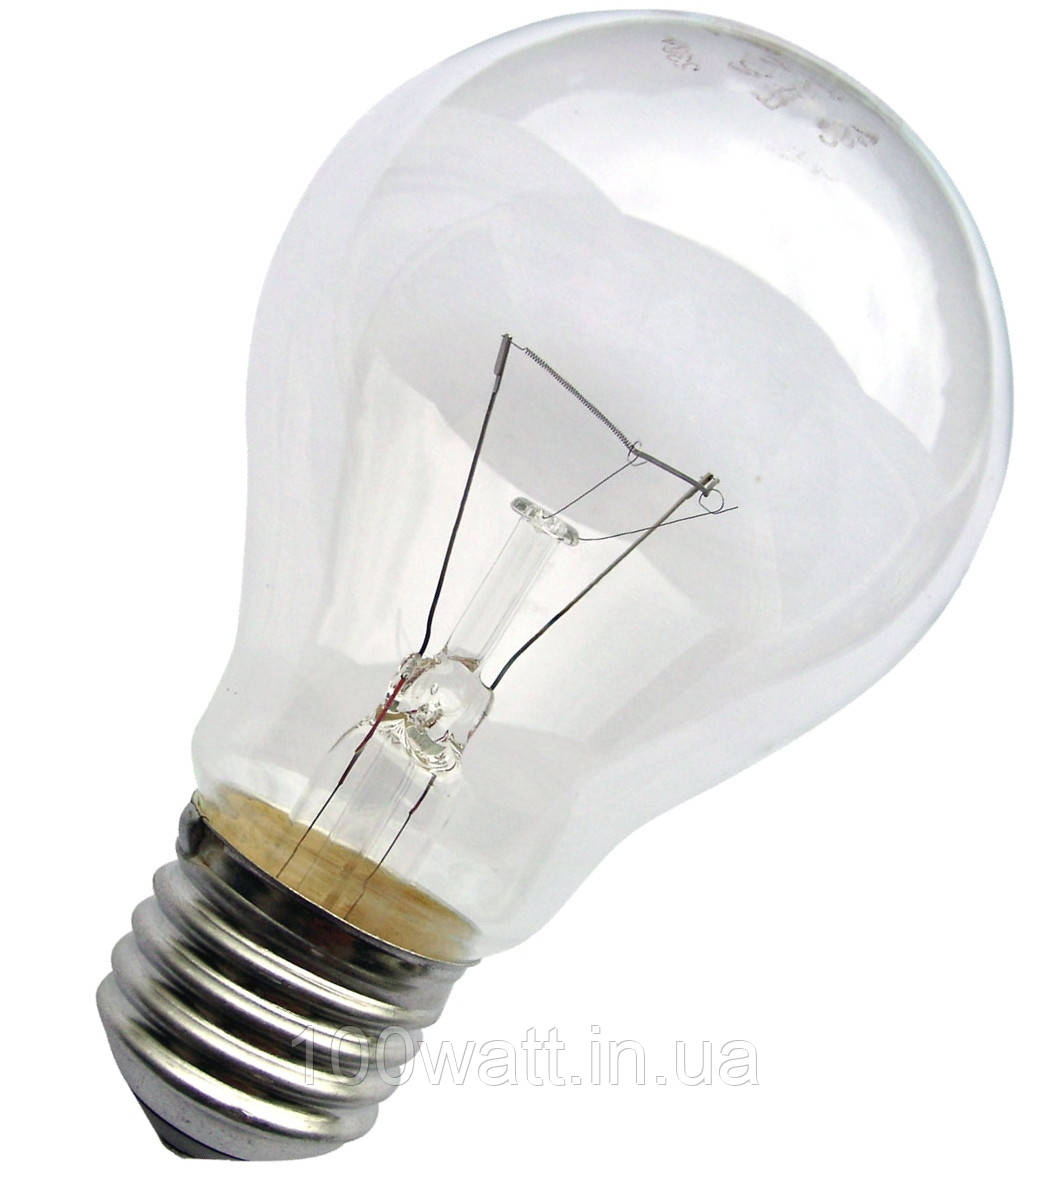 Лампа накаливания МО 24-40 Вт Е27